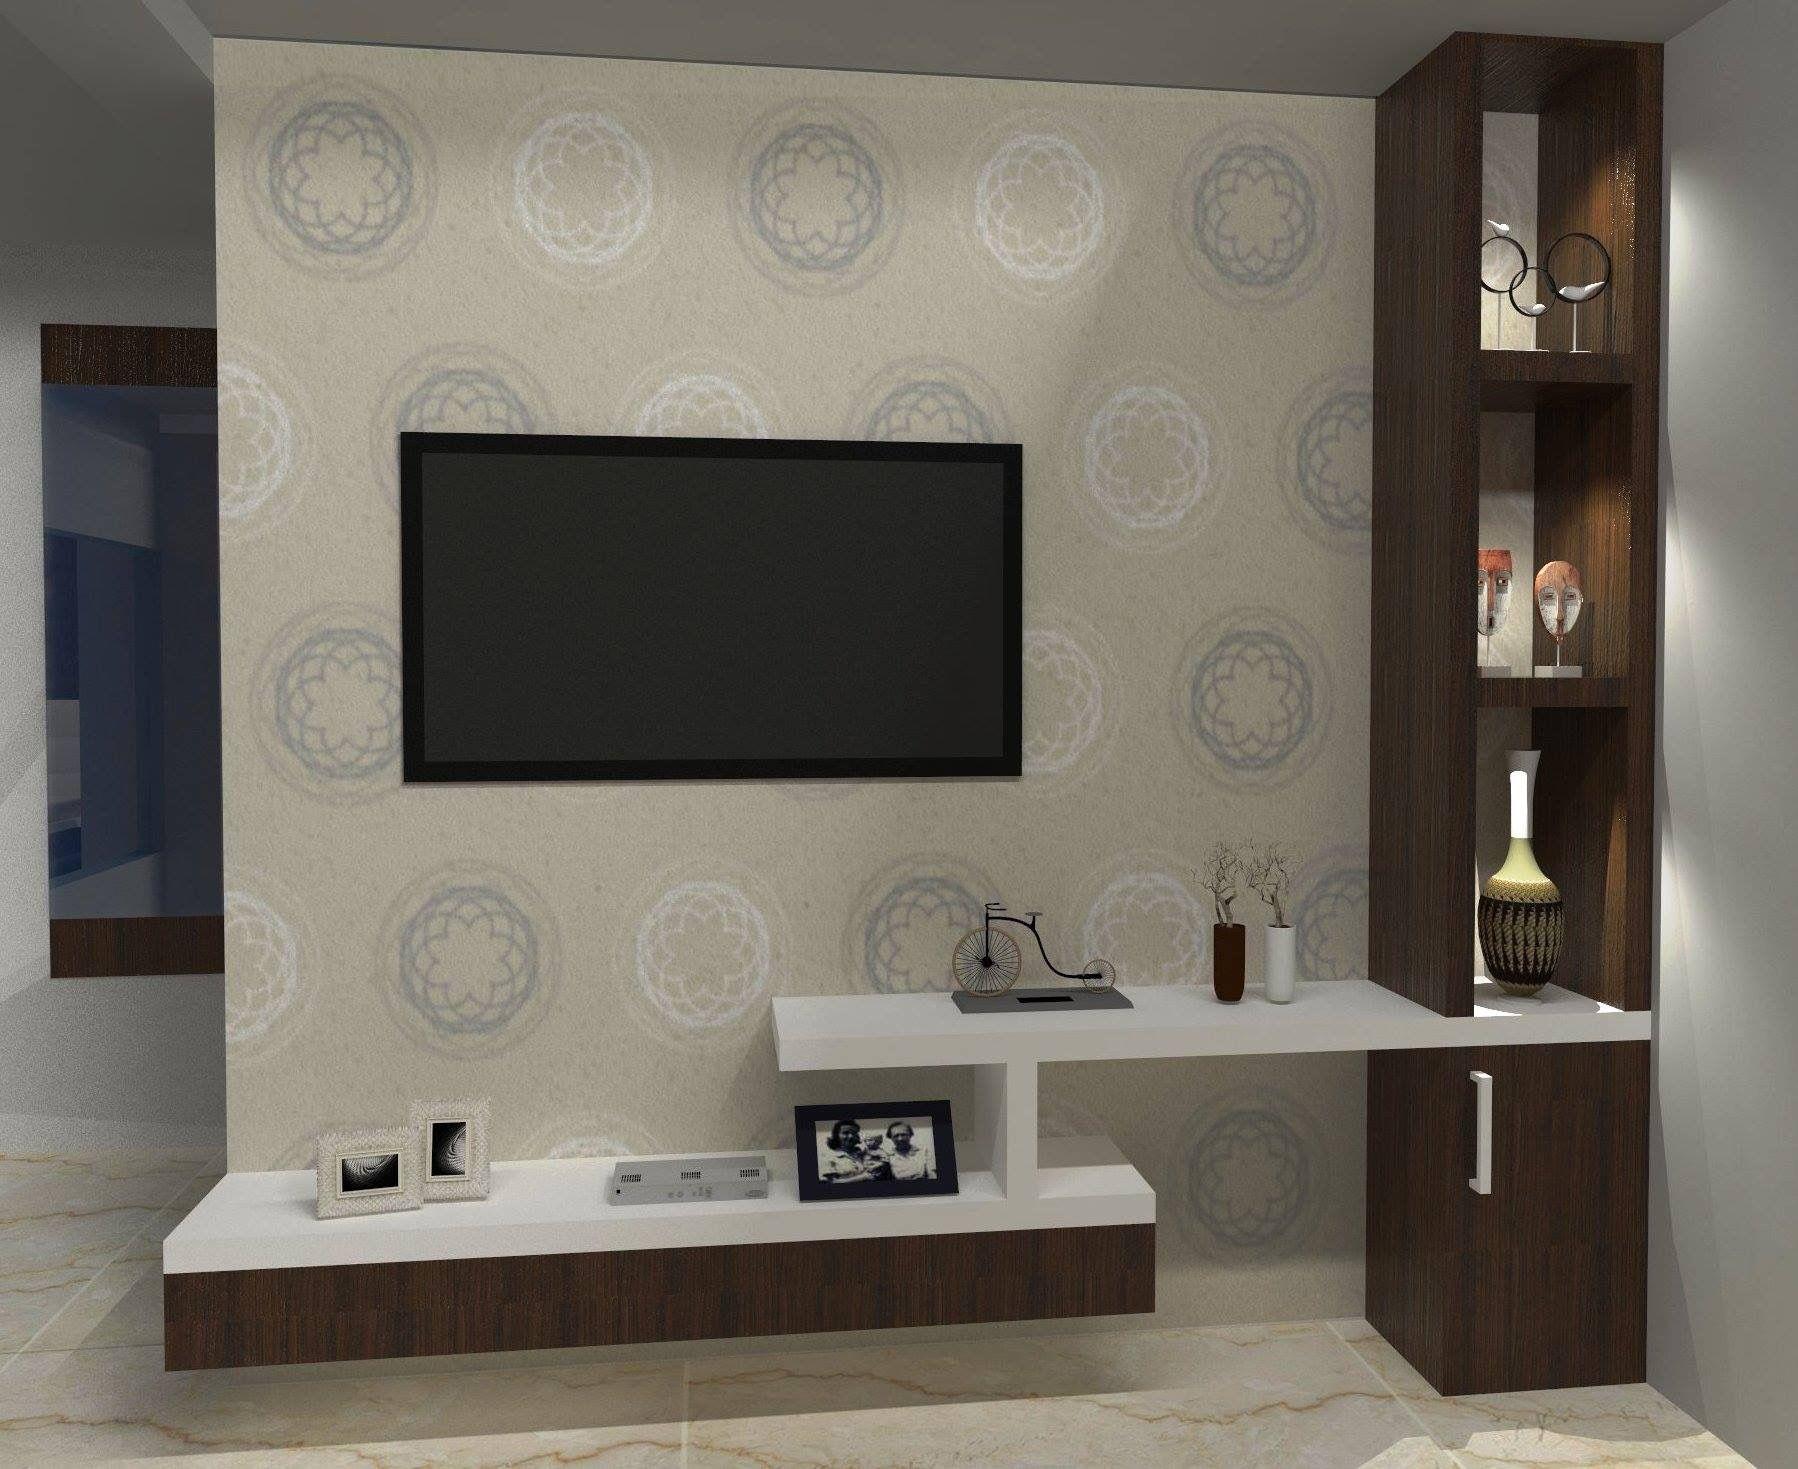 Foto 1 Estante Home Para Tv Até 46 Polegadas 1 Porta De Correr Led Tb129l Dalla Costa Off White Freijó Wall Tv Unit Design Modern Tv Wall Units Tv Wall Decor